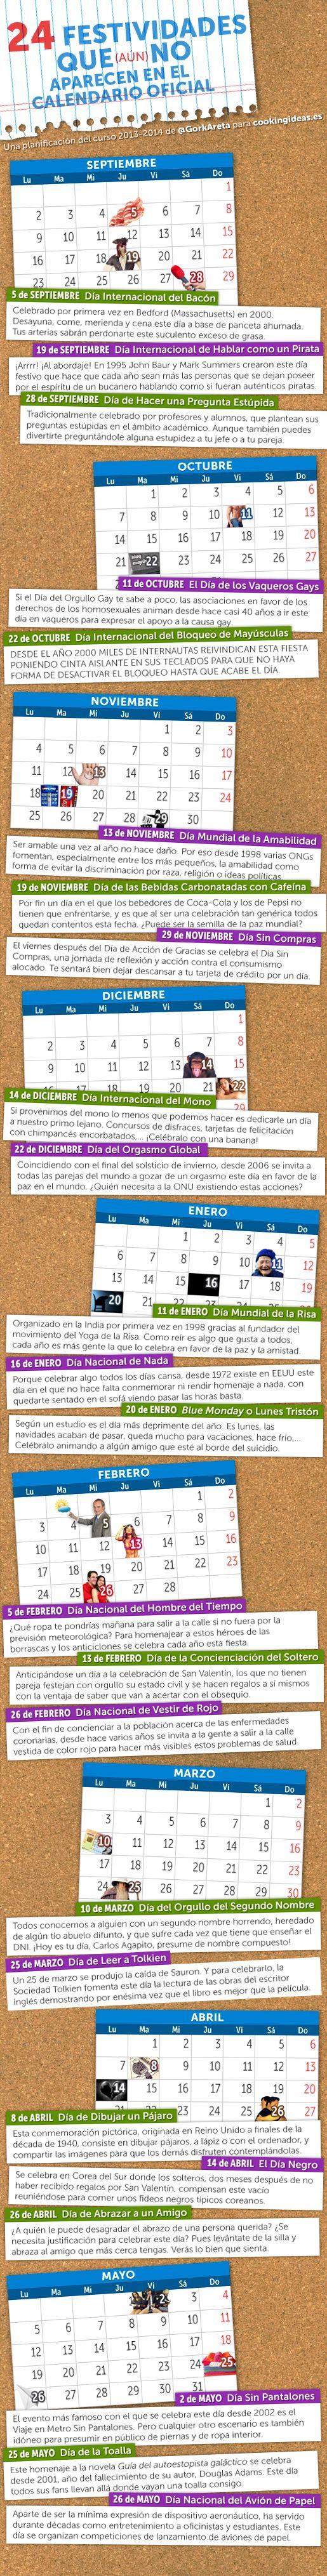 24 días festivos no oficiales para añadir a vuestros calendarios